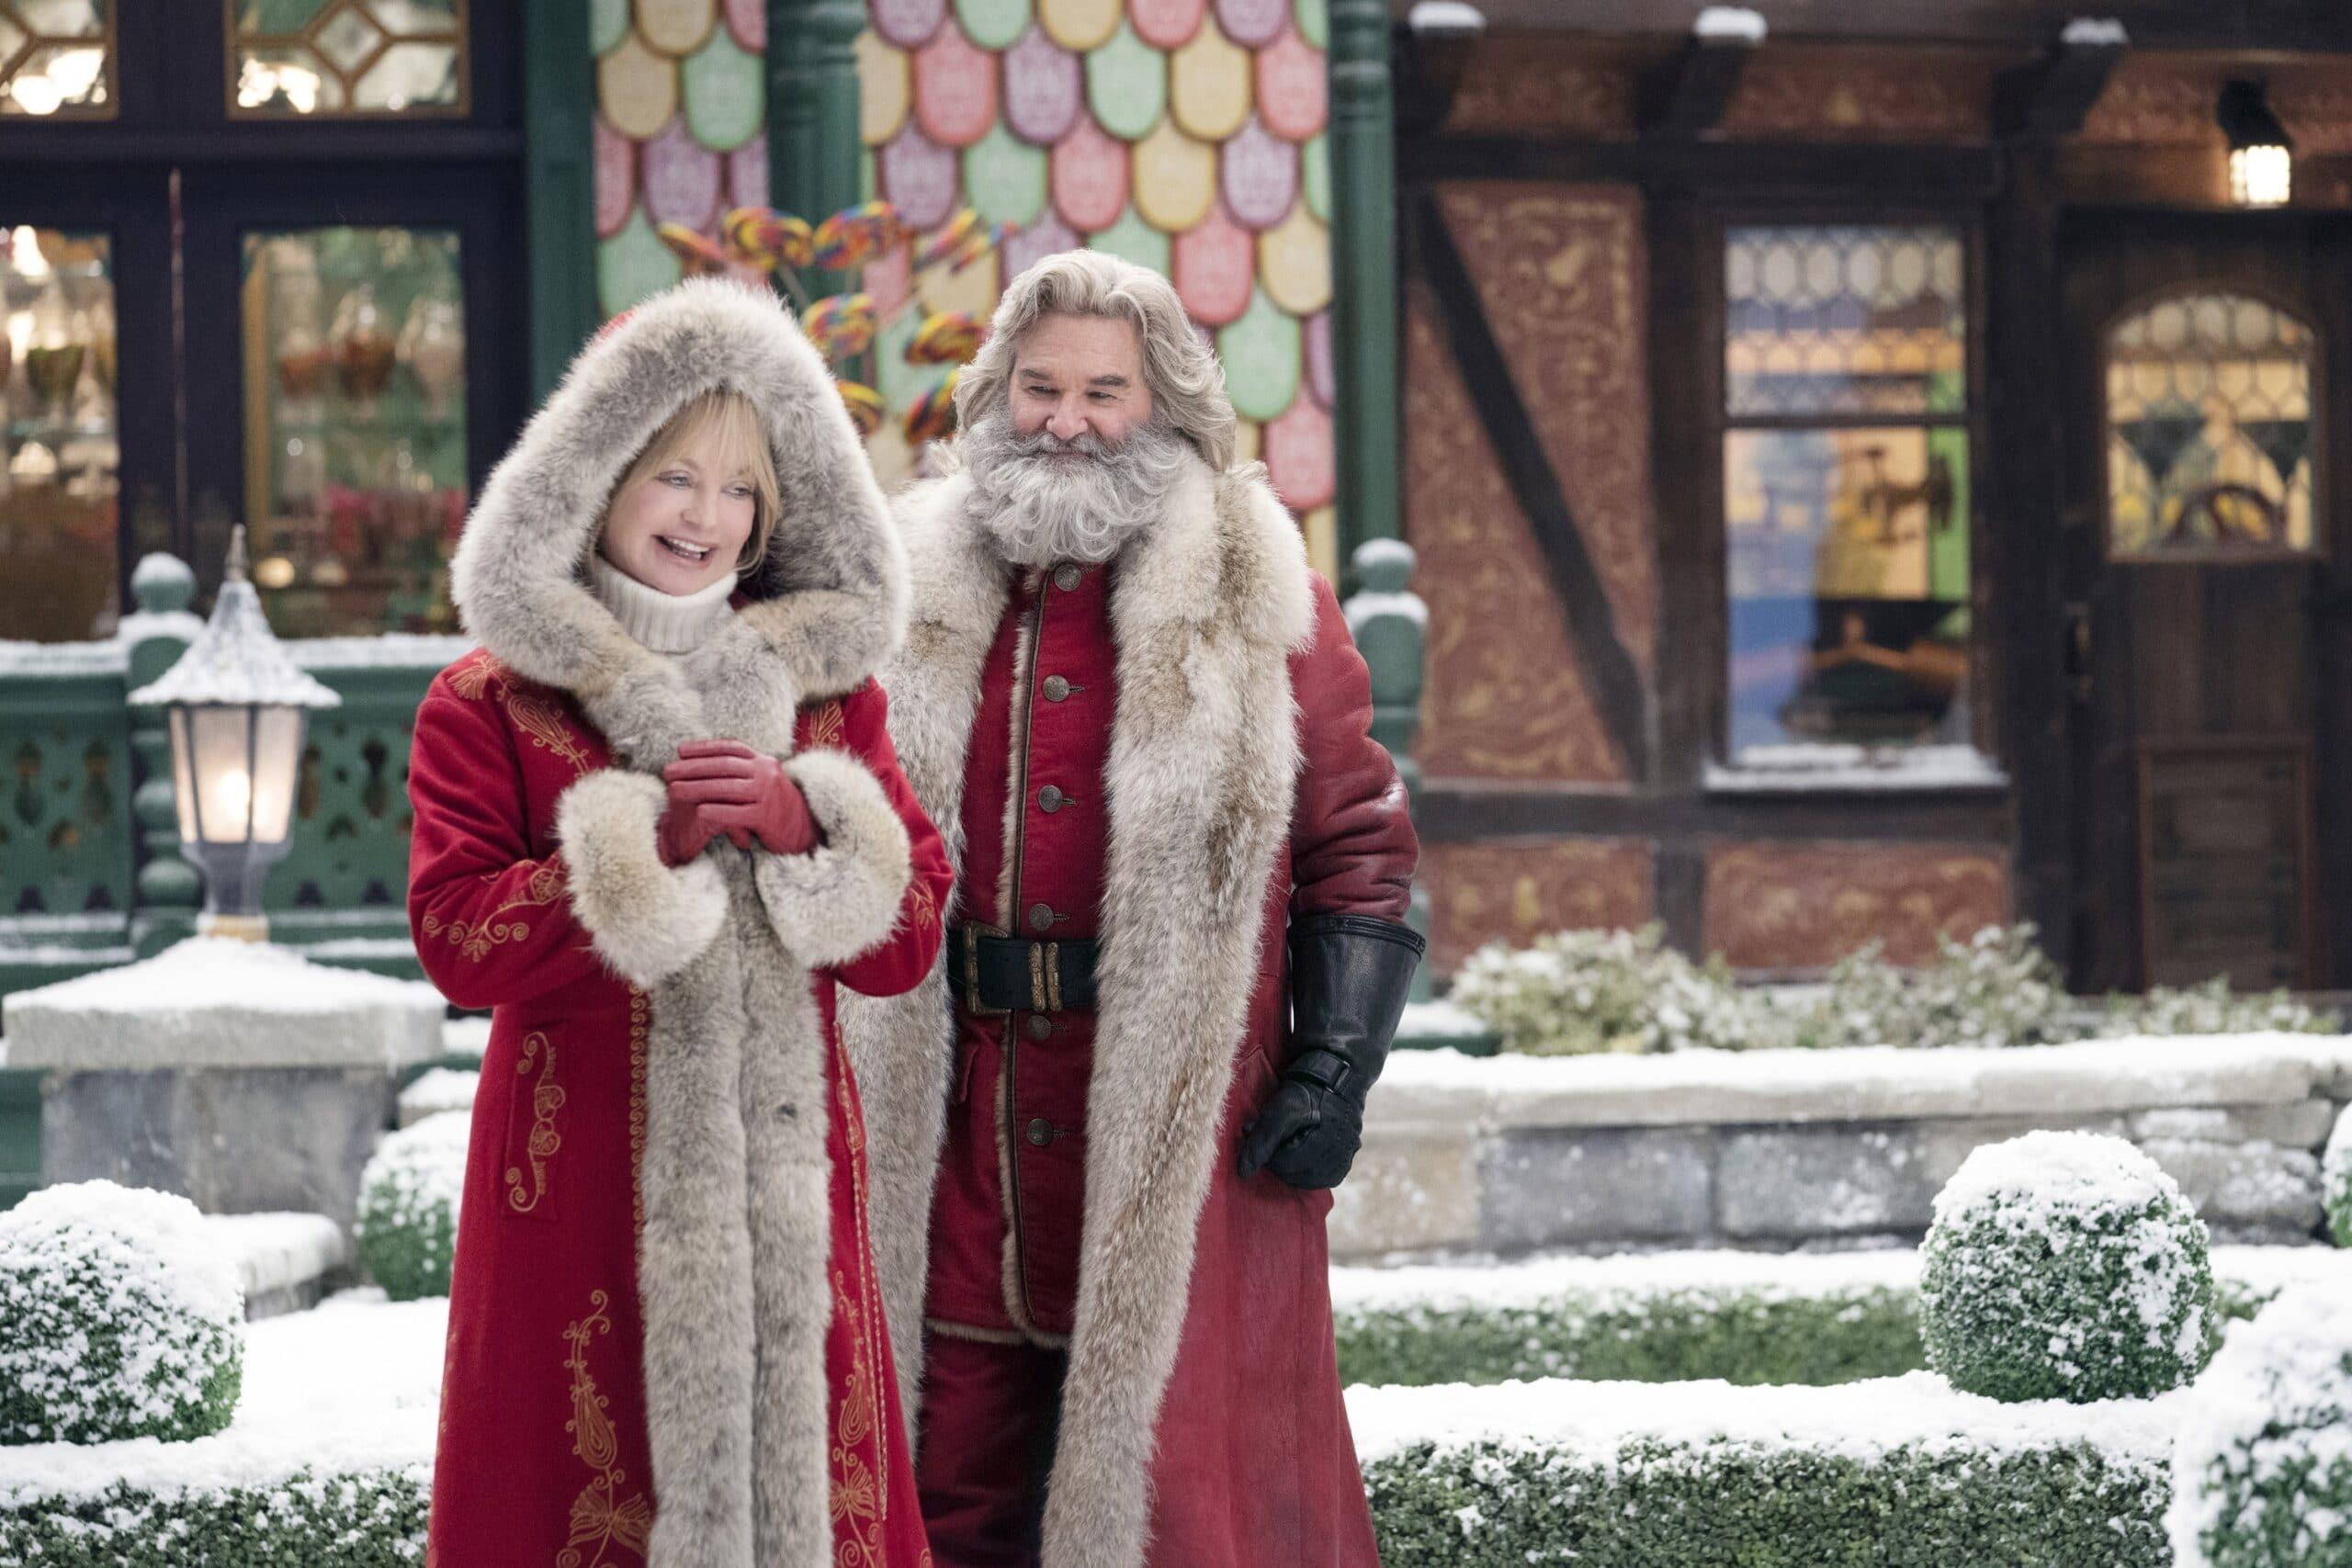 Goldie Hawn as Mrs. Claus, Kurt Russell as Santa Claus